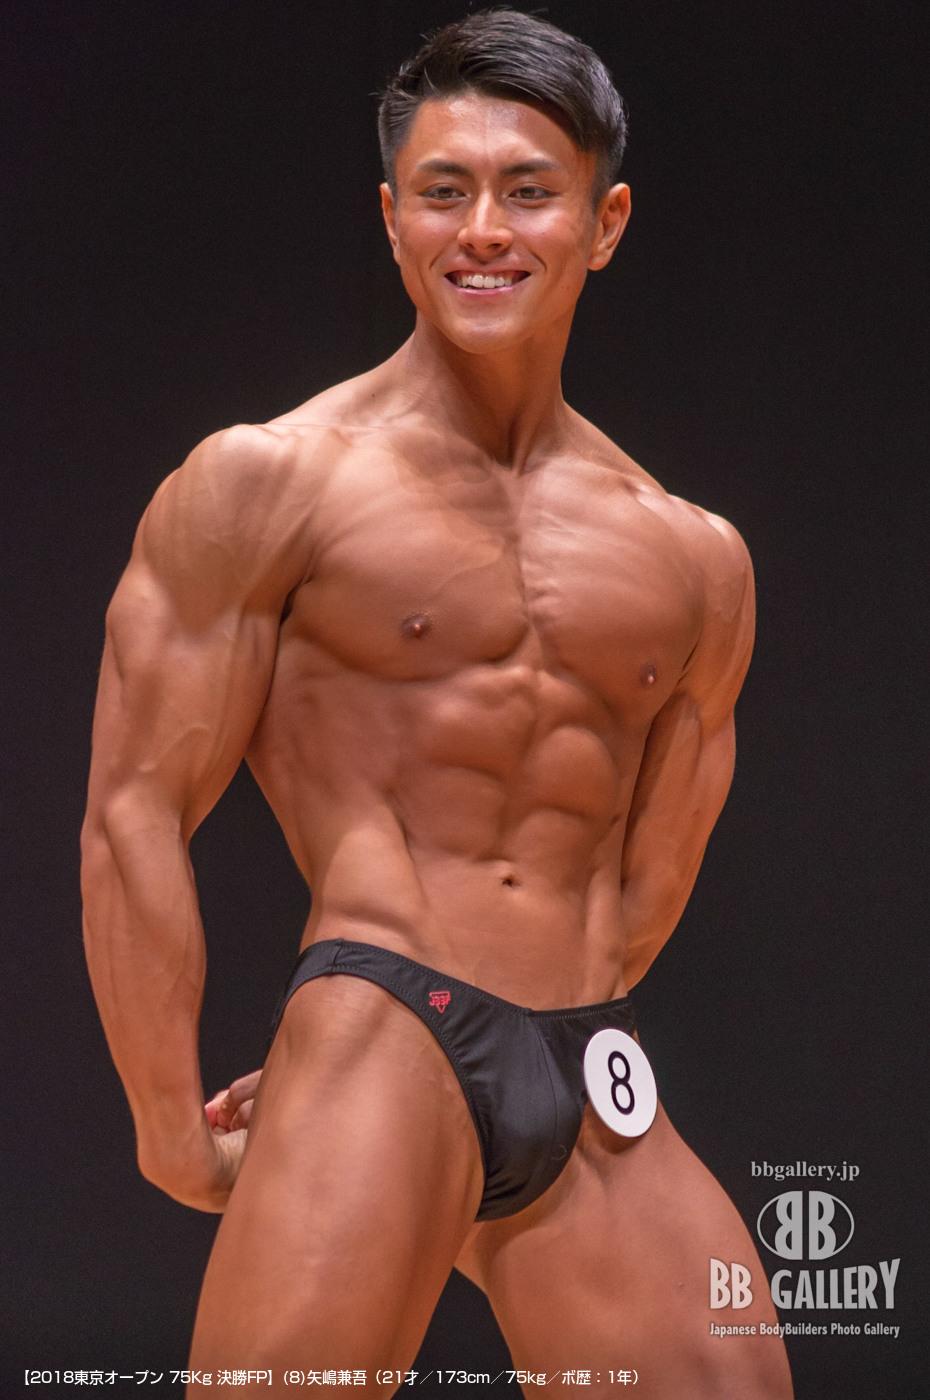 【2018東京オープン 75Kg 決勝FP】(8)矢嶋兼吾(21才/173cm/75kg/ボ歴:1年)